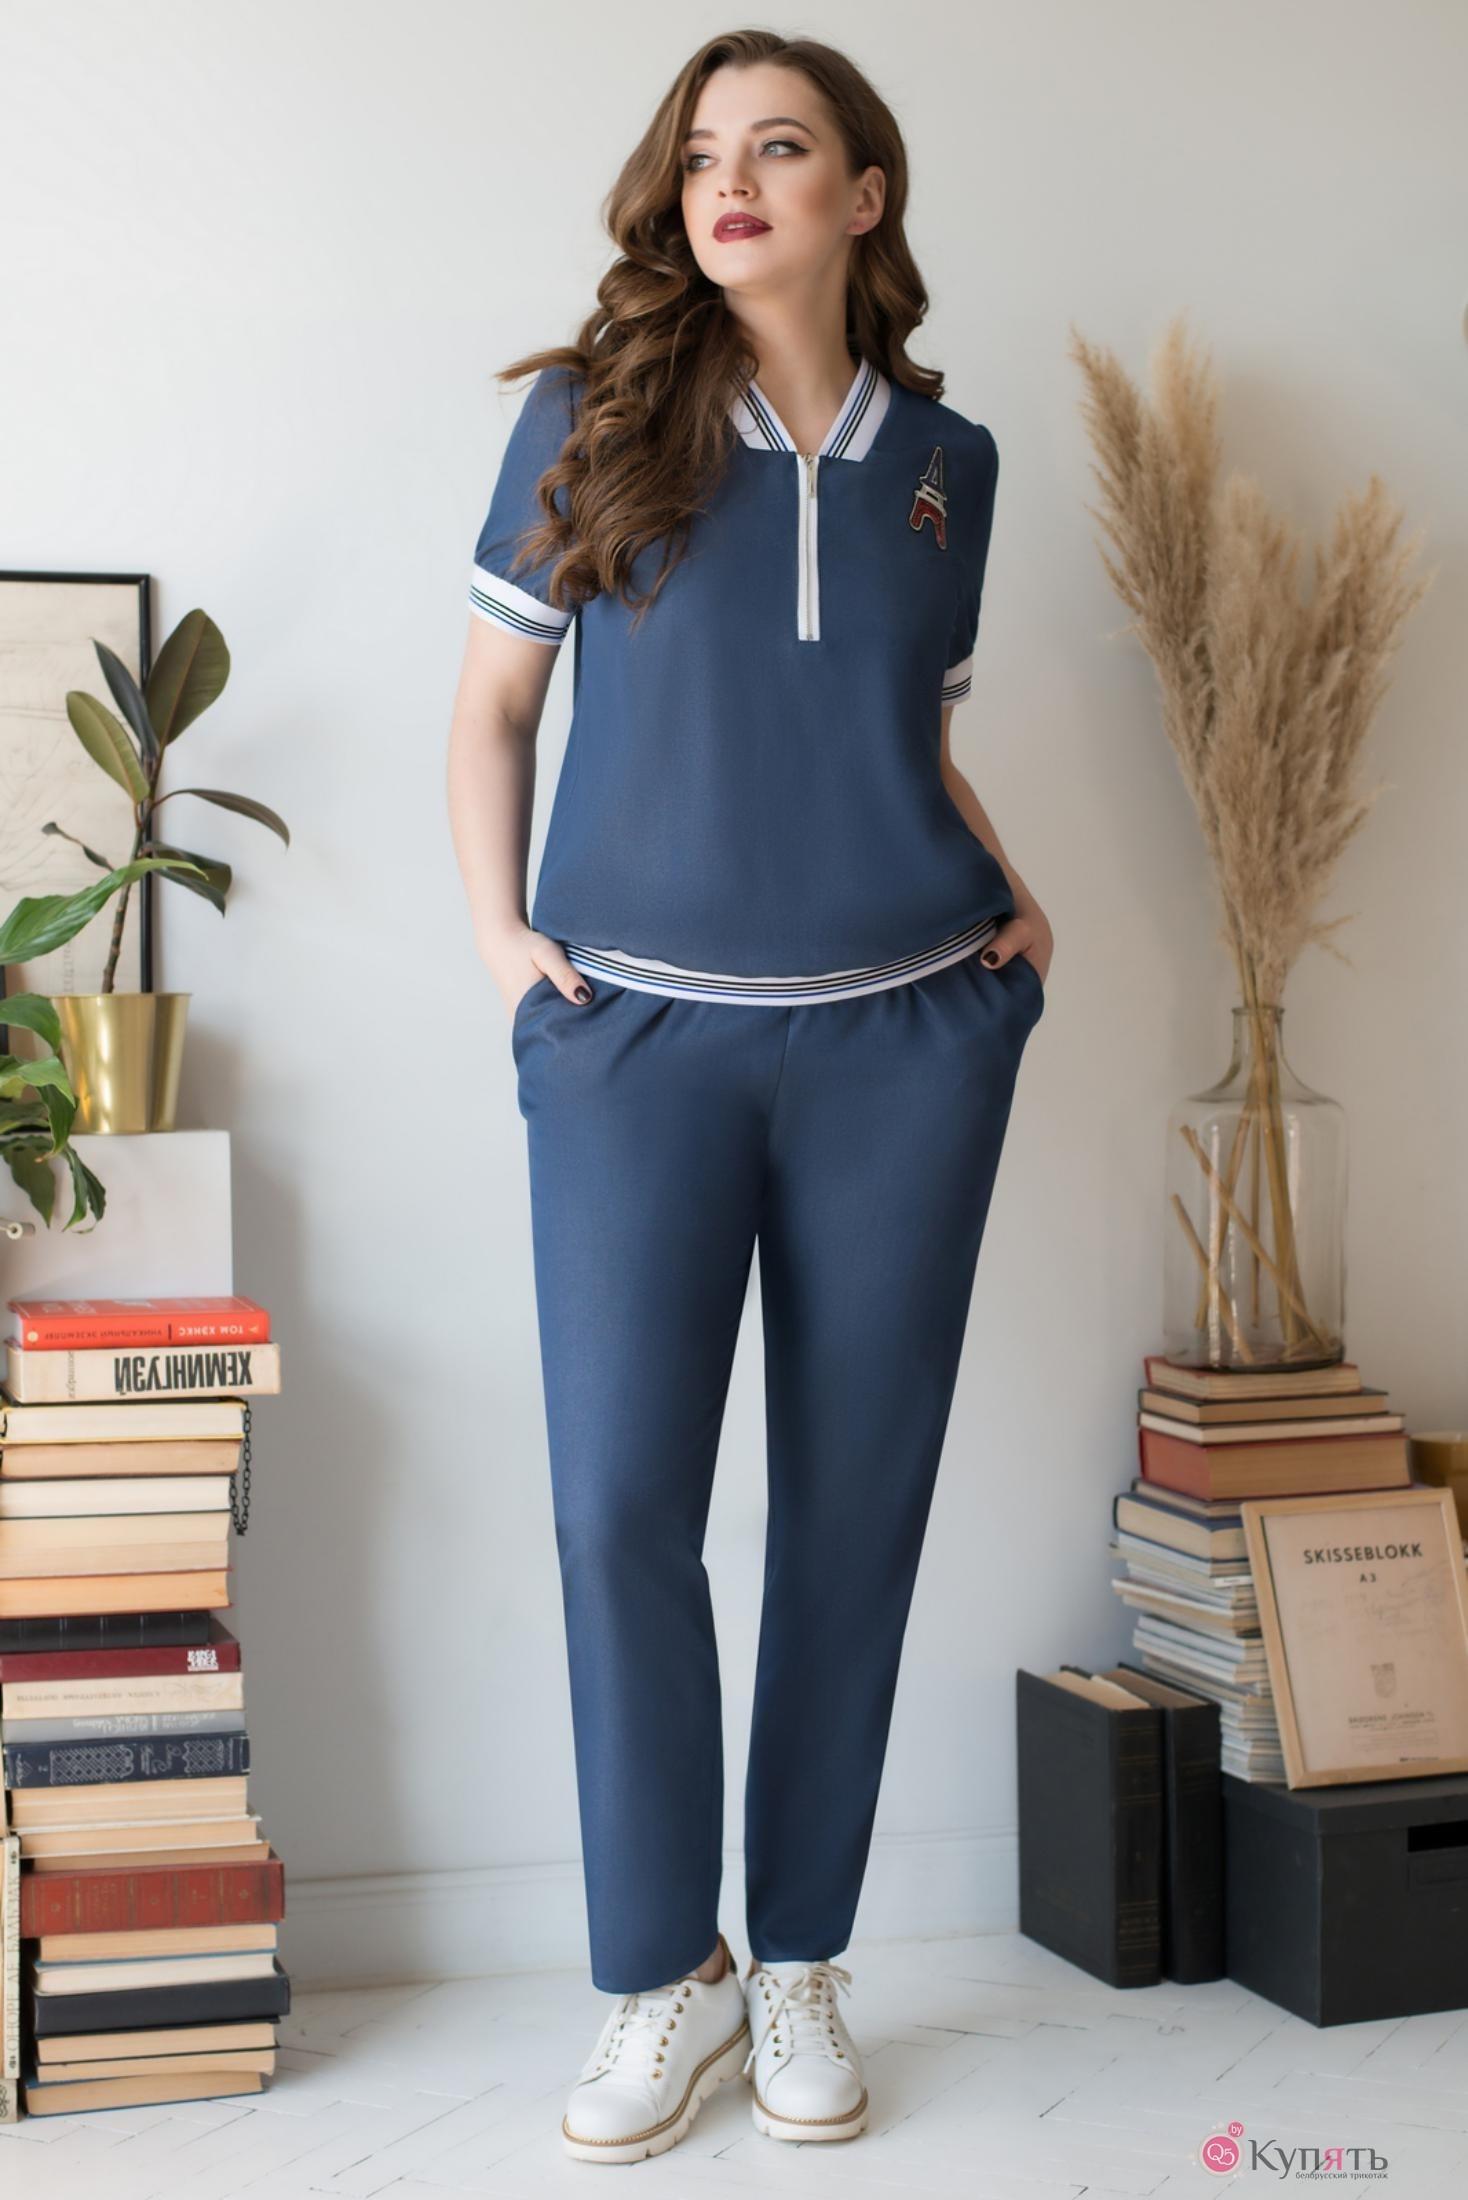 b8c81f02 Спортивный костюм ЮРС 18-811 - интернет-магазин женской одежды   Q5 ...